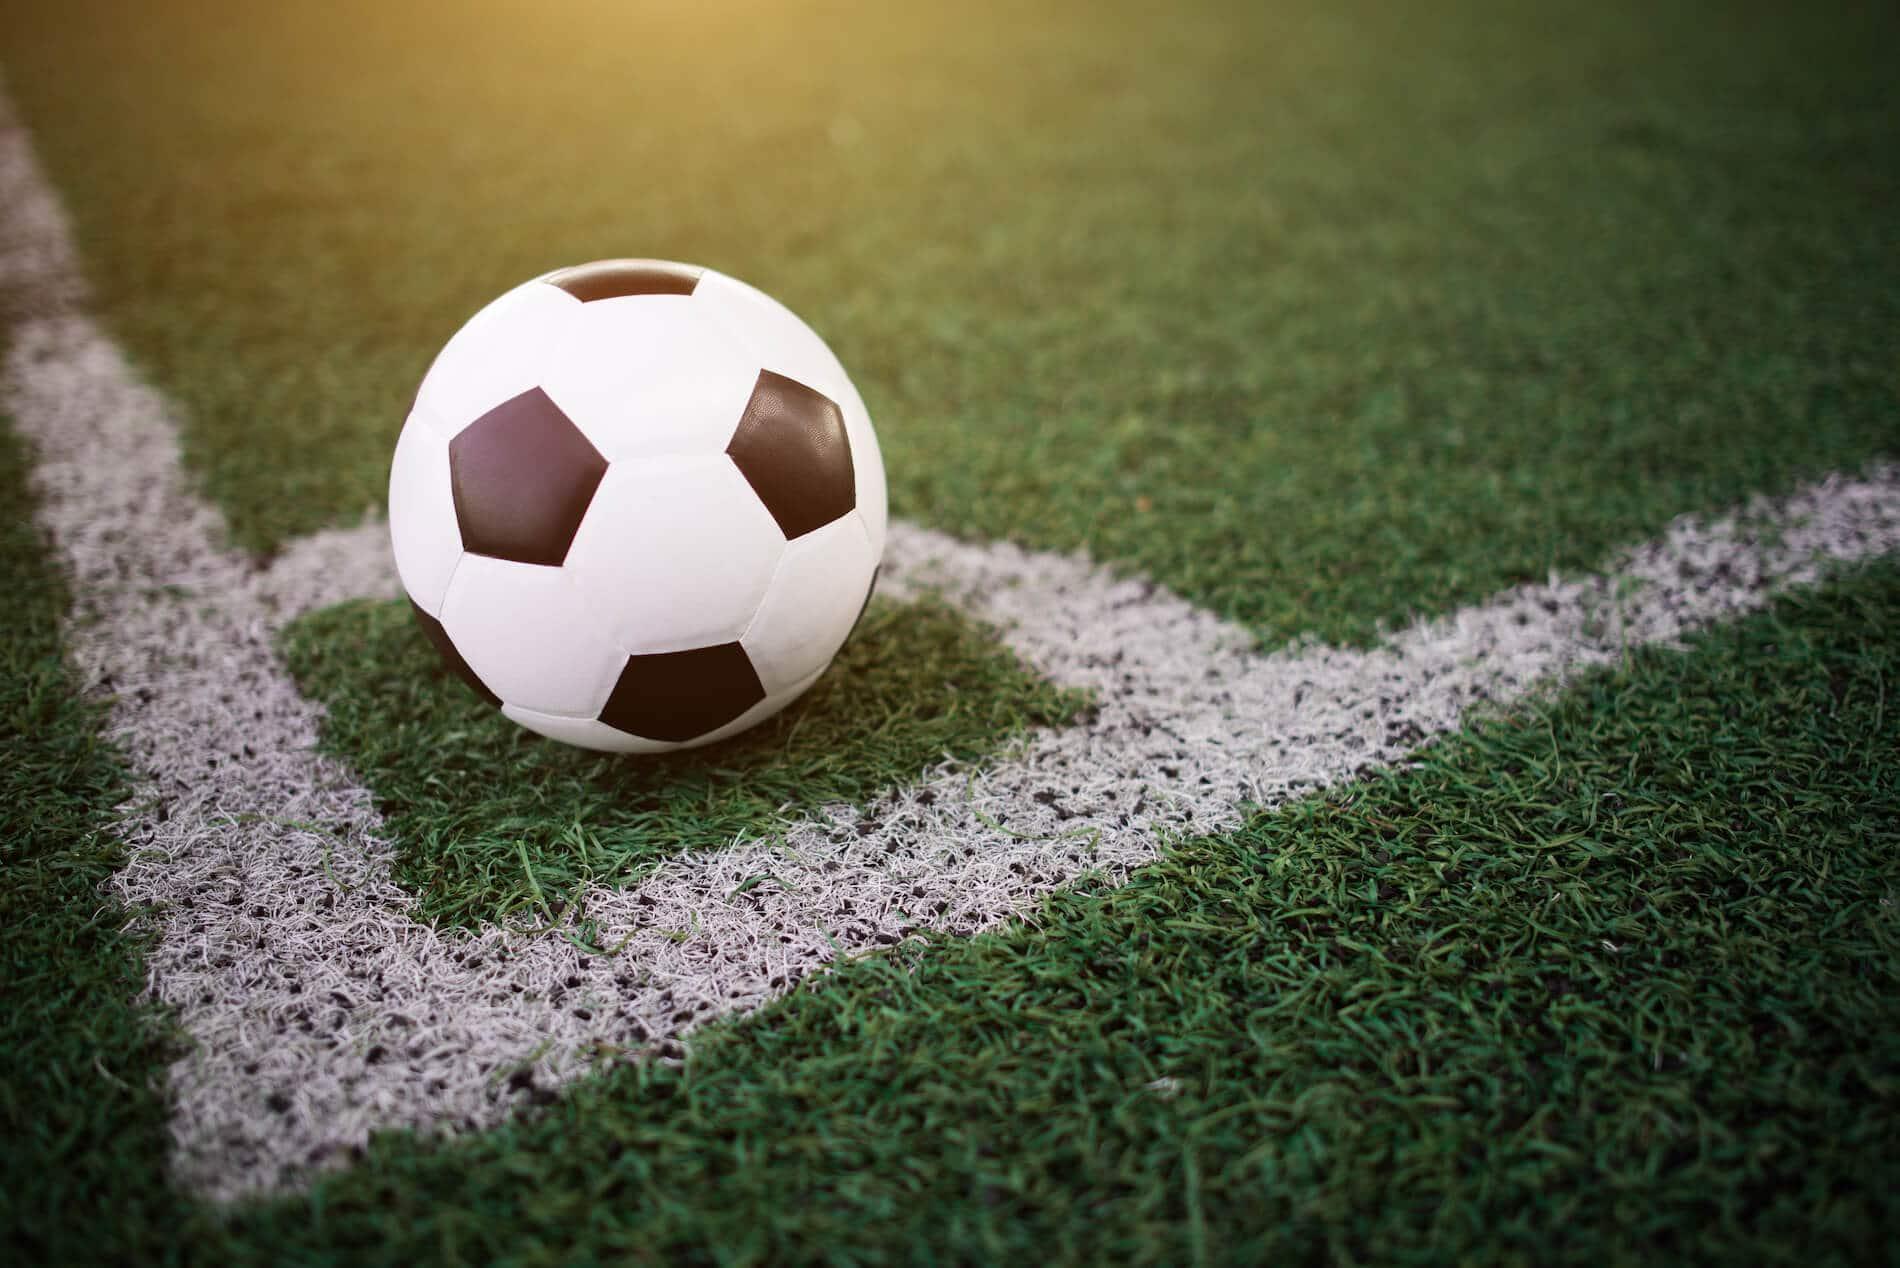 รูปภาพภายในบทความ_วิธีแทงบอล